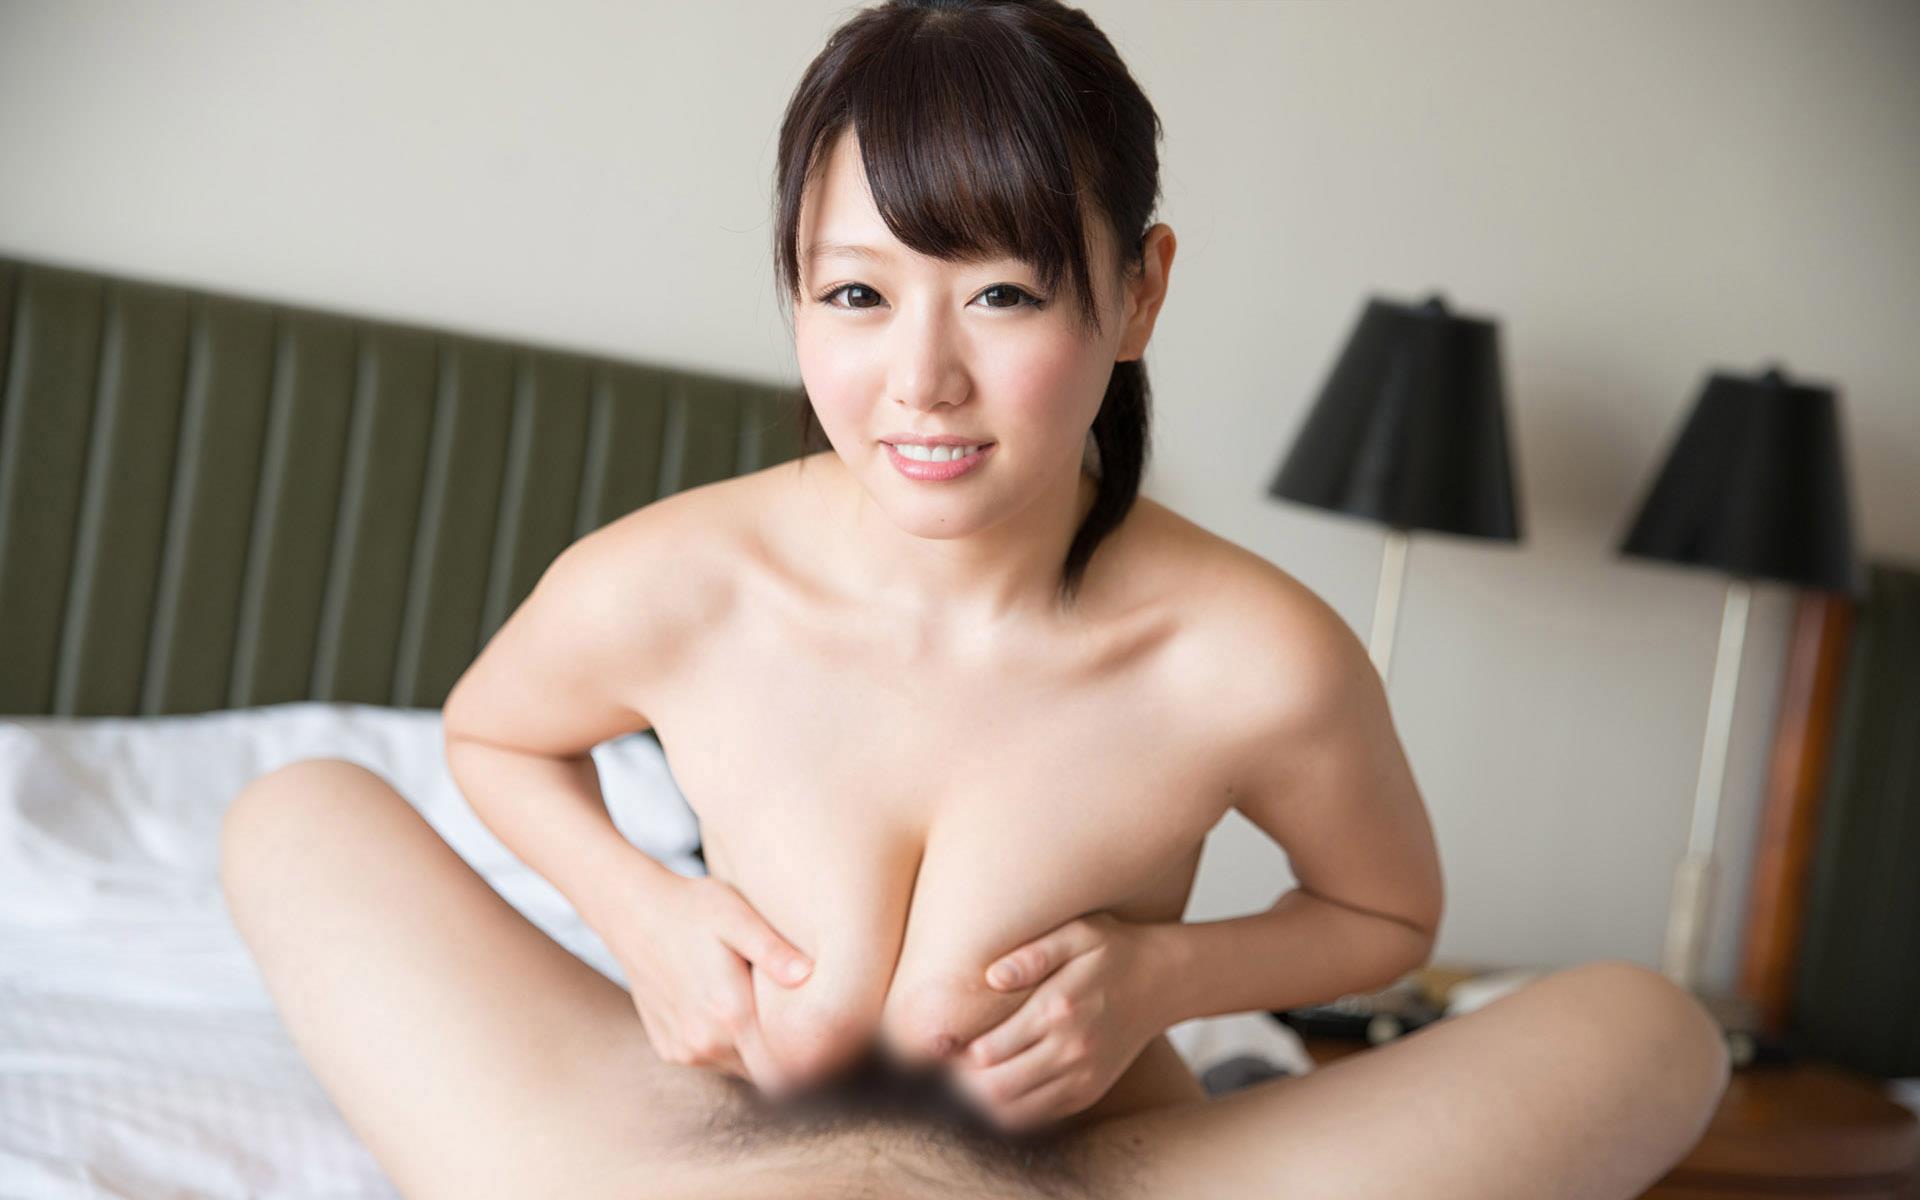 浜崎真緒(はまさきまお) ロリ顔ポニーテール、色白柔らかそうなおっぱいに包まれるセックスAV女優画像 143枚 No.137